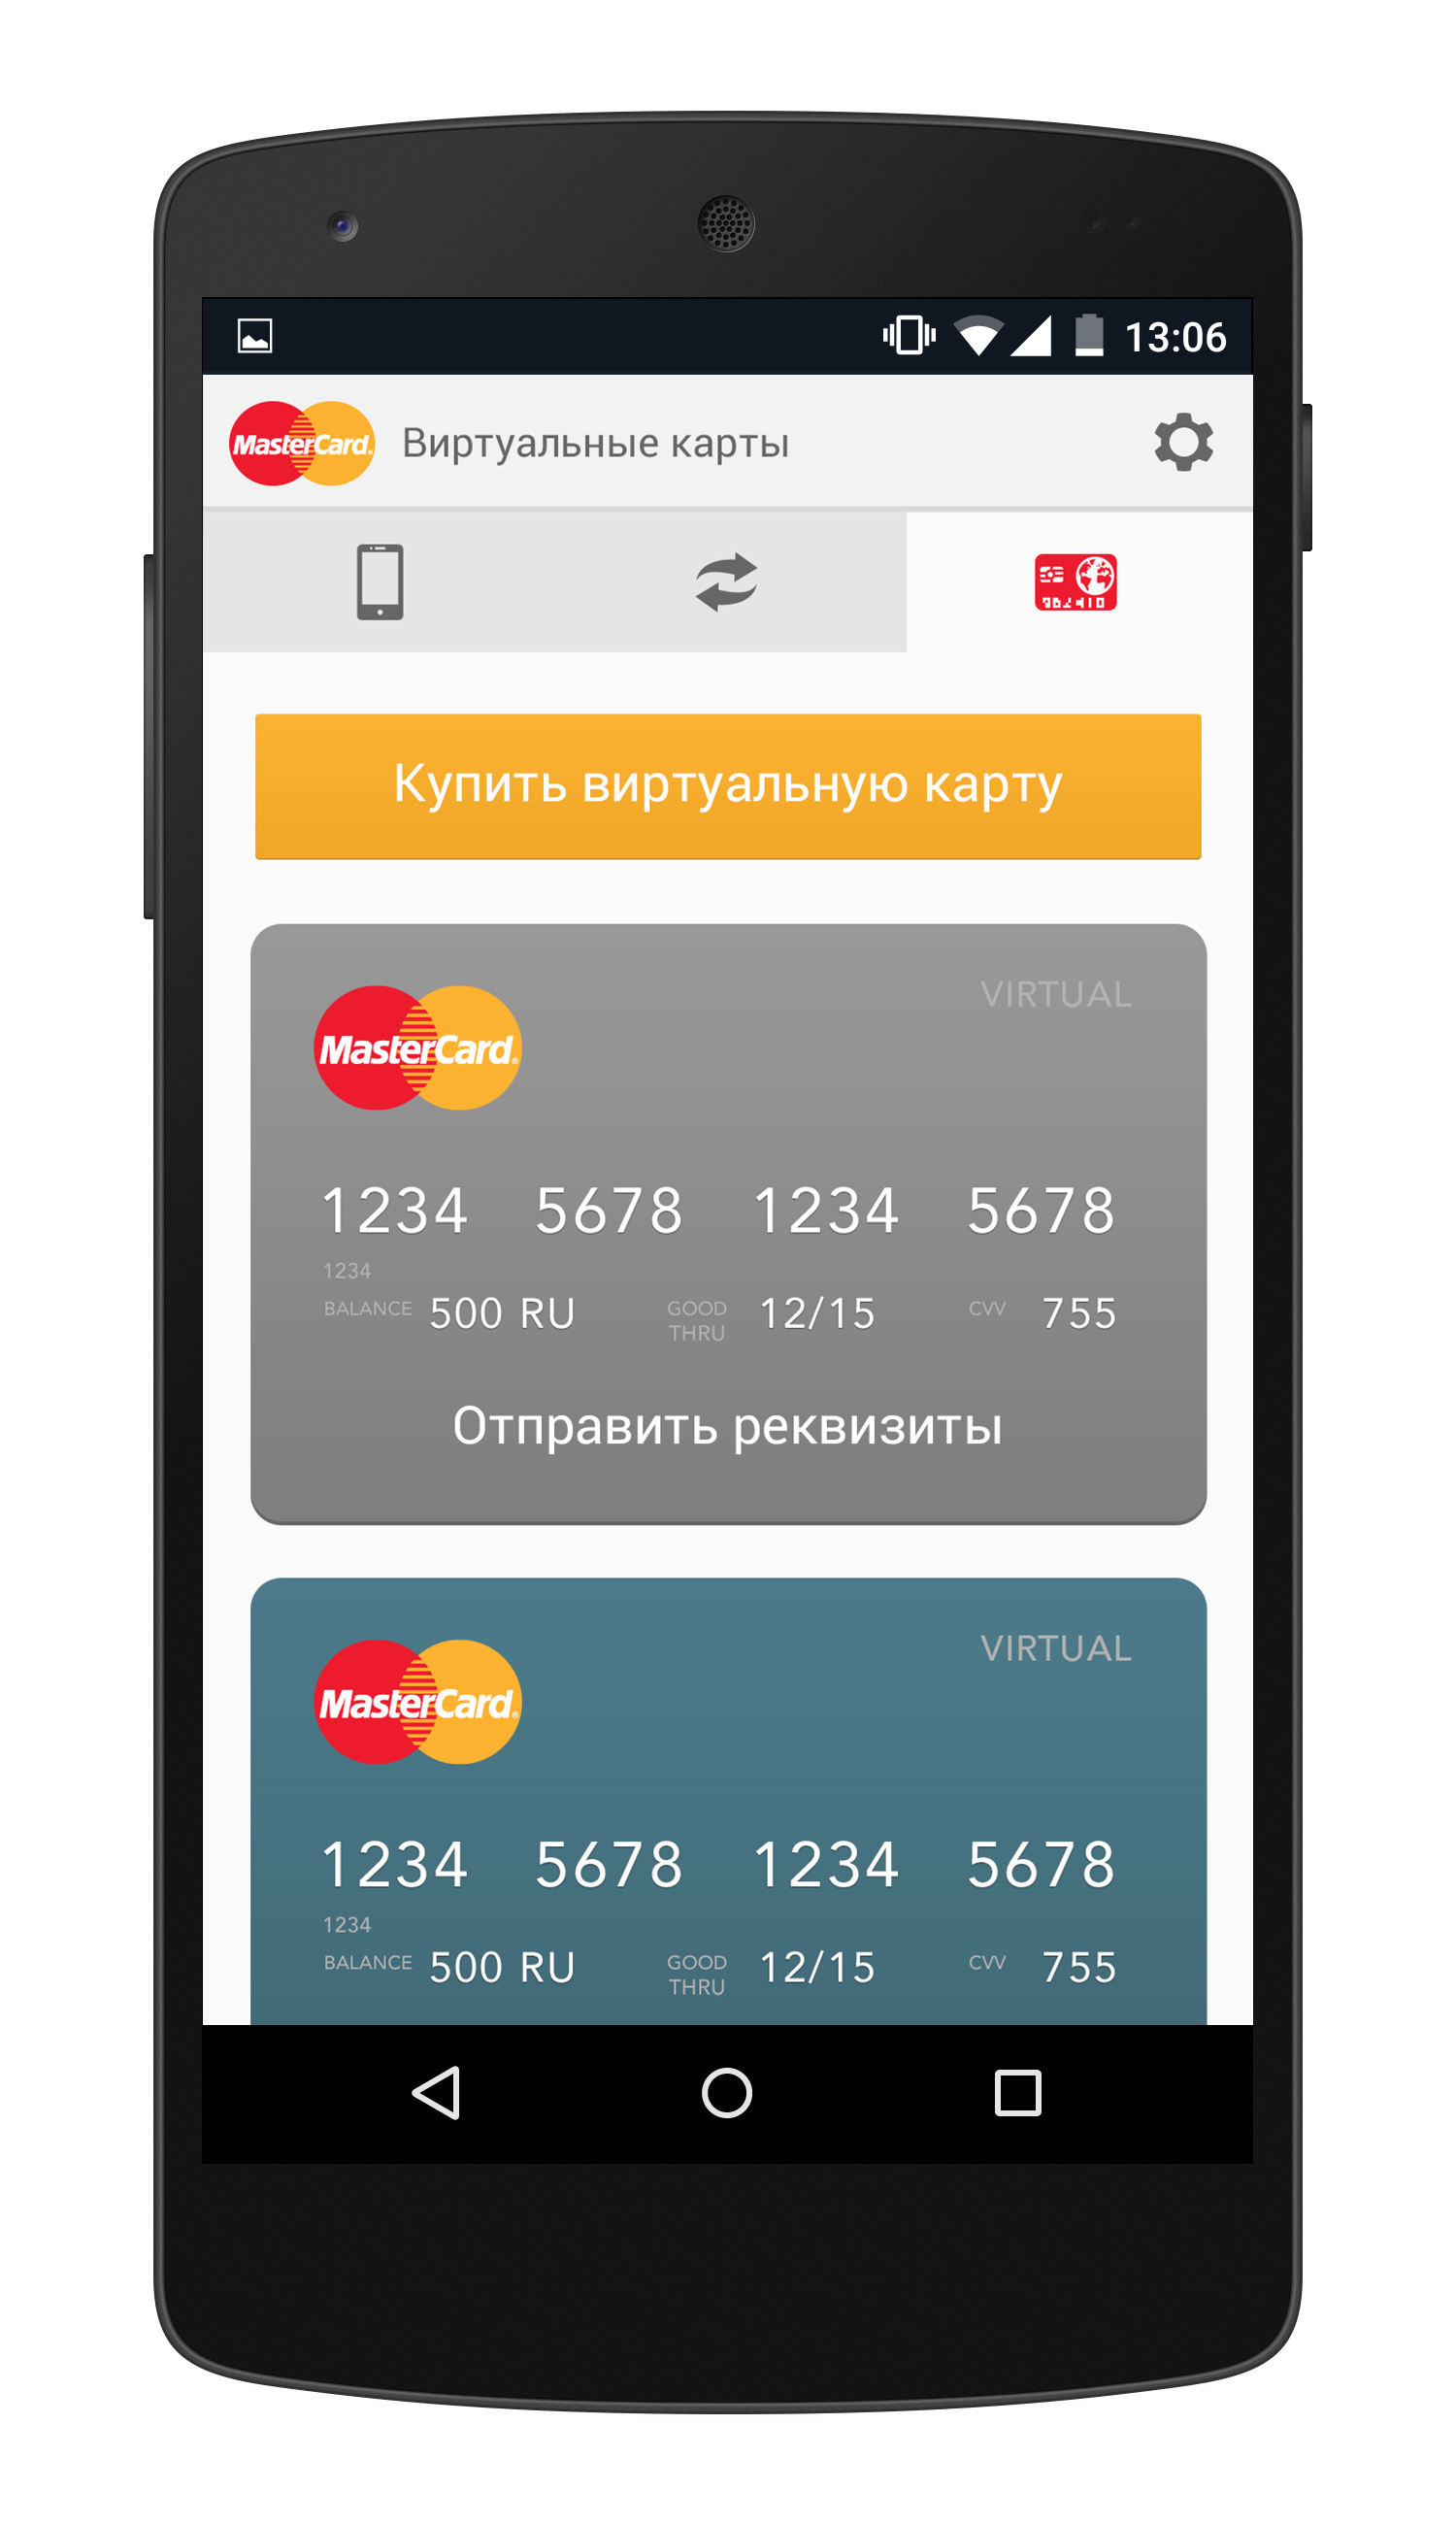 Приложение MasterCard, виртуальные карты